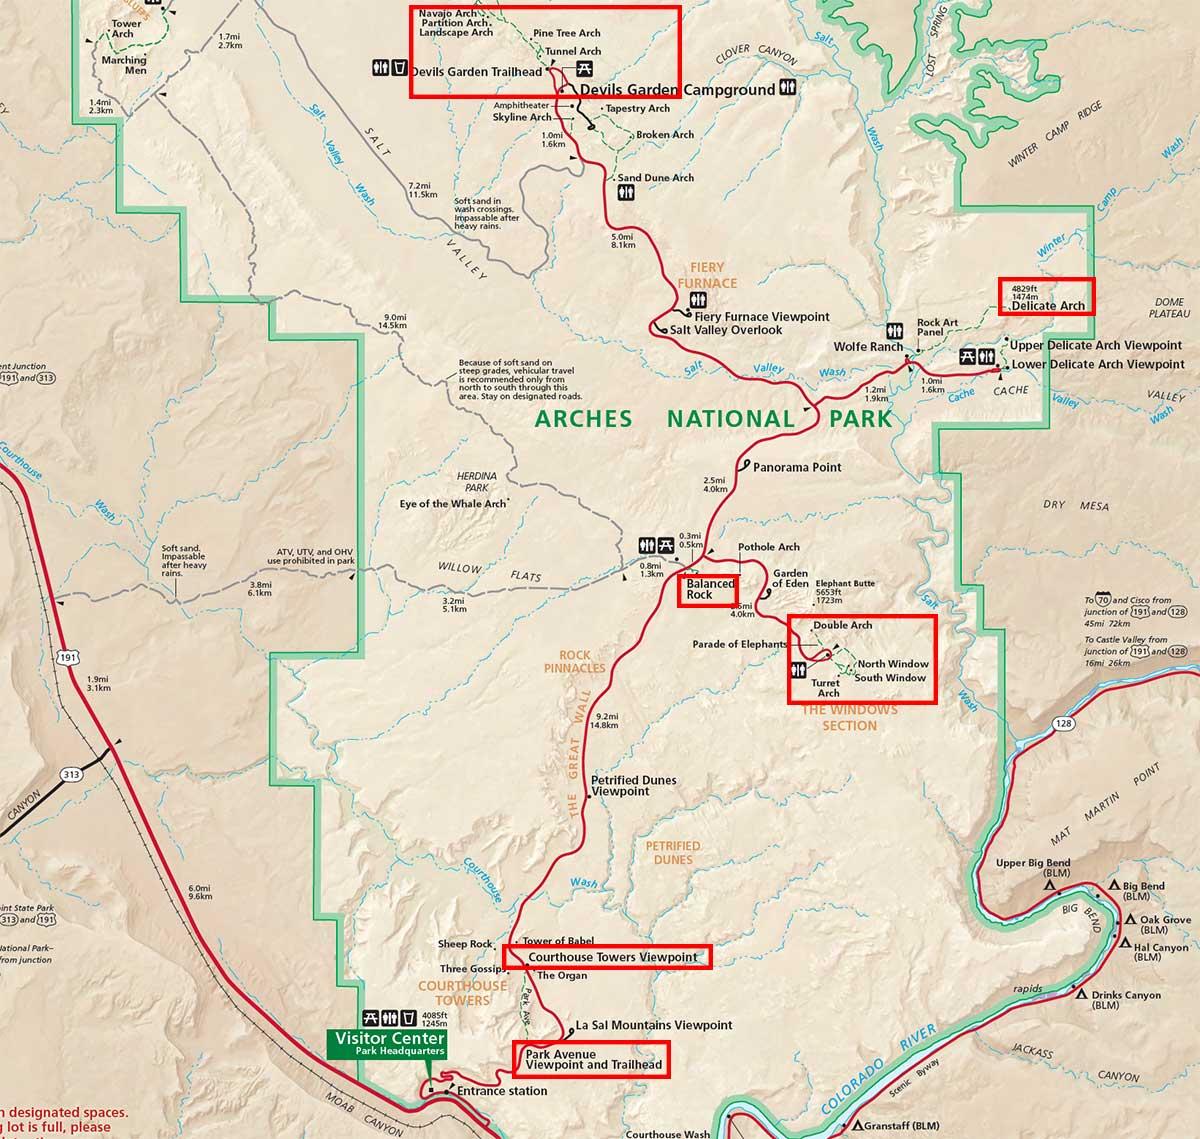 Mapa de Arches National Park